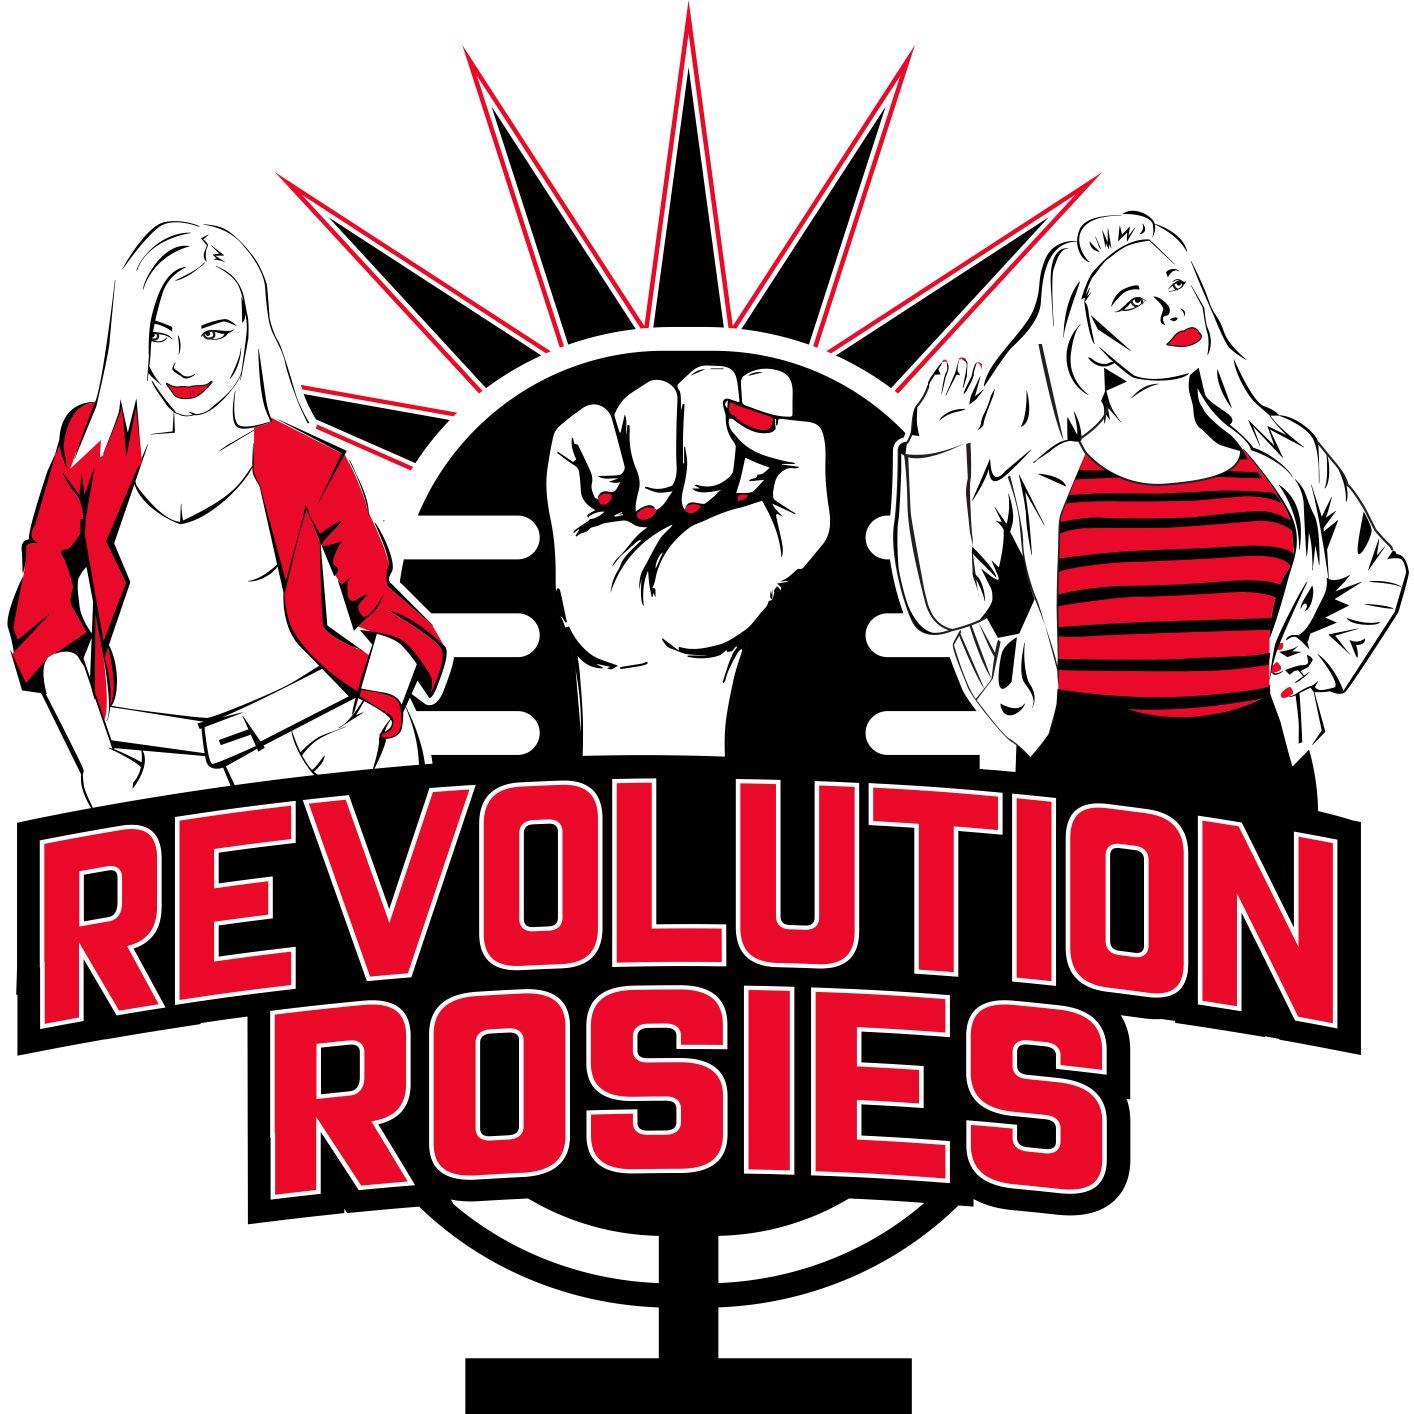 Revolution Rosies medium.jpg